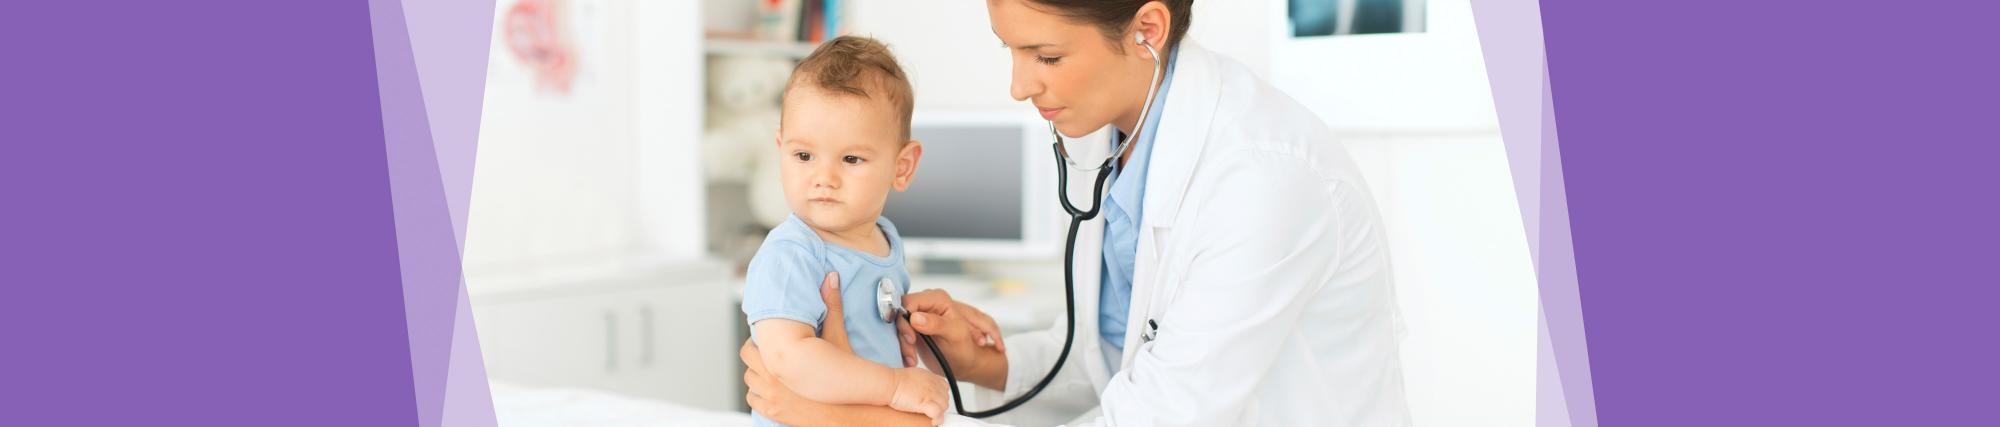 Quand vaut-il mieux consulter un médecin ?